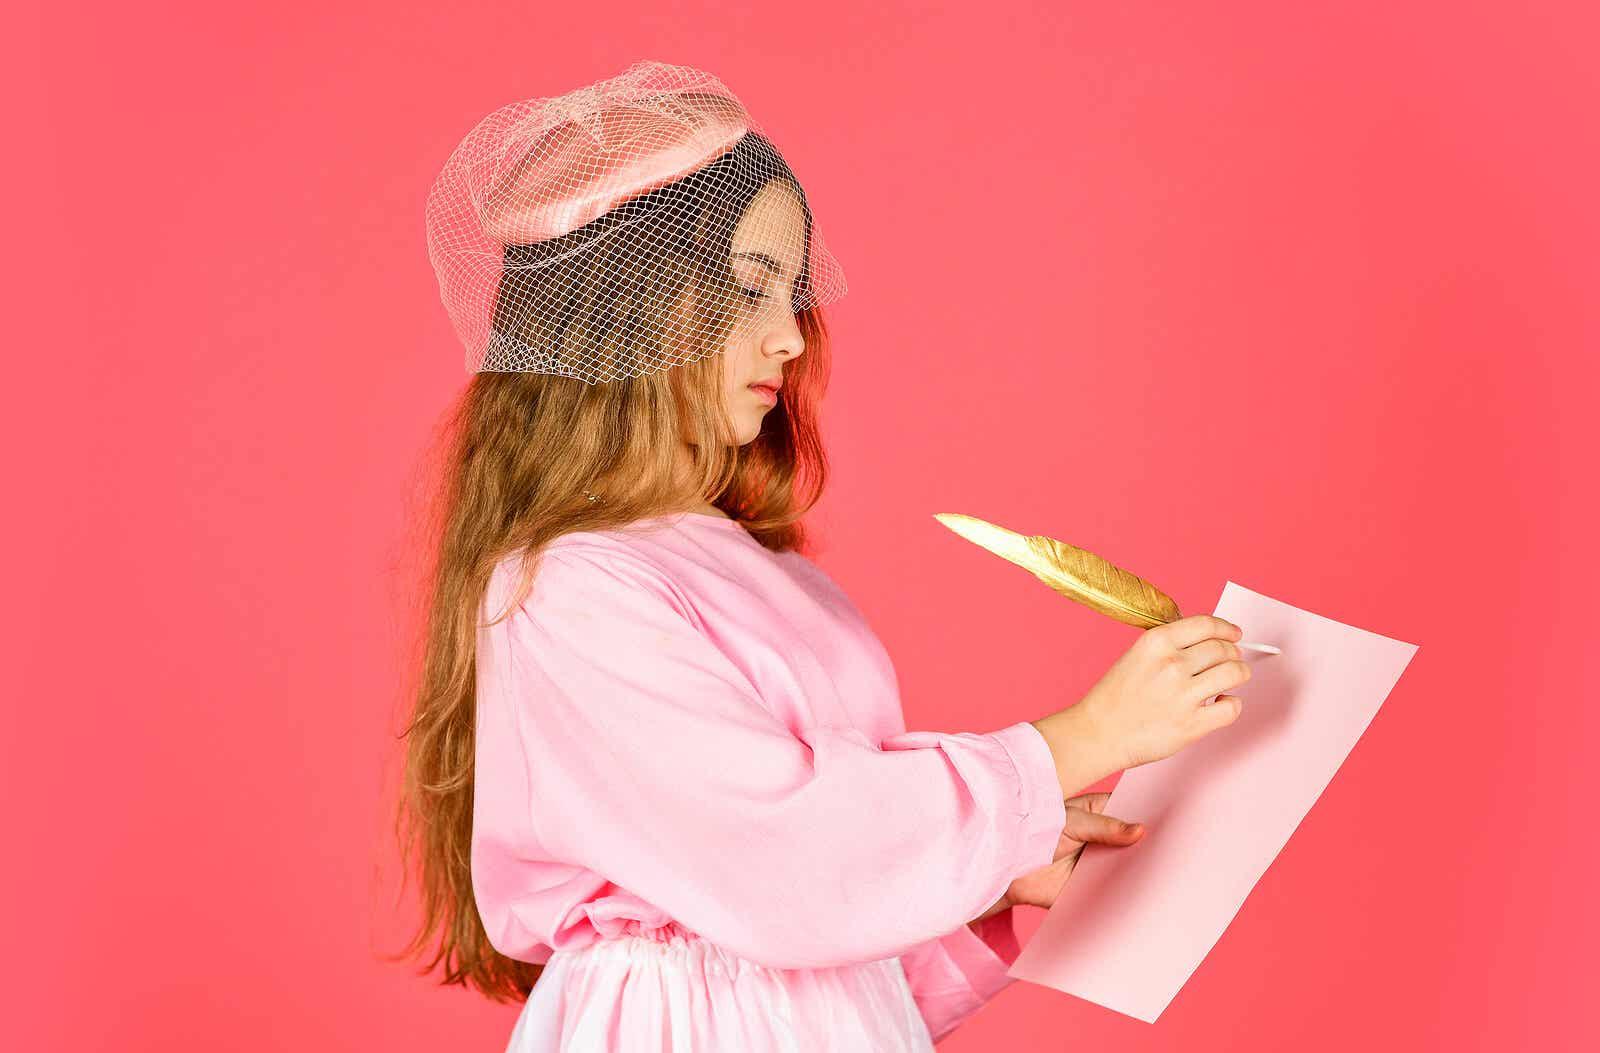 En pige klædt ud med en gammeldags hat og kjole, skriver på et papir med en fjer